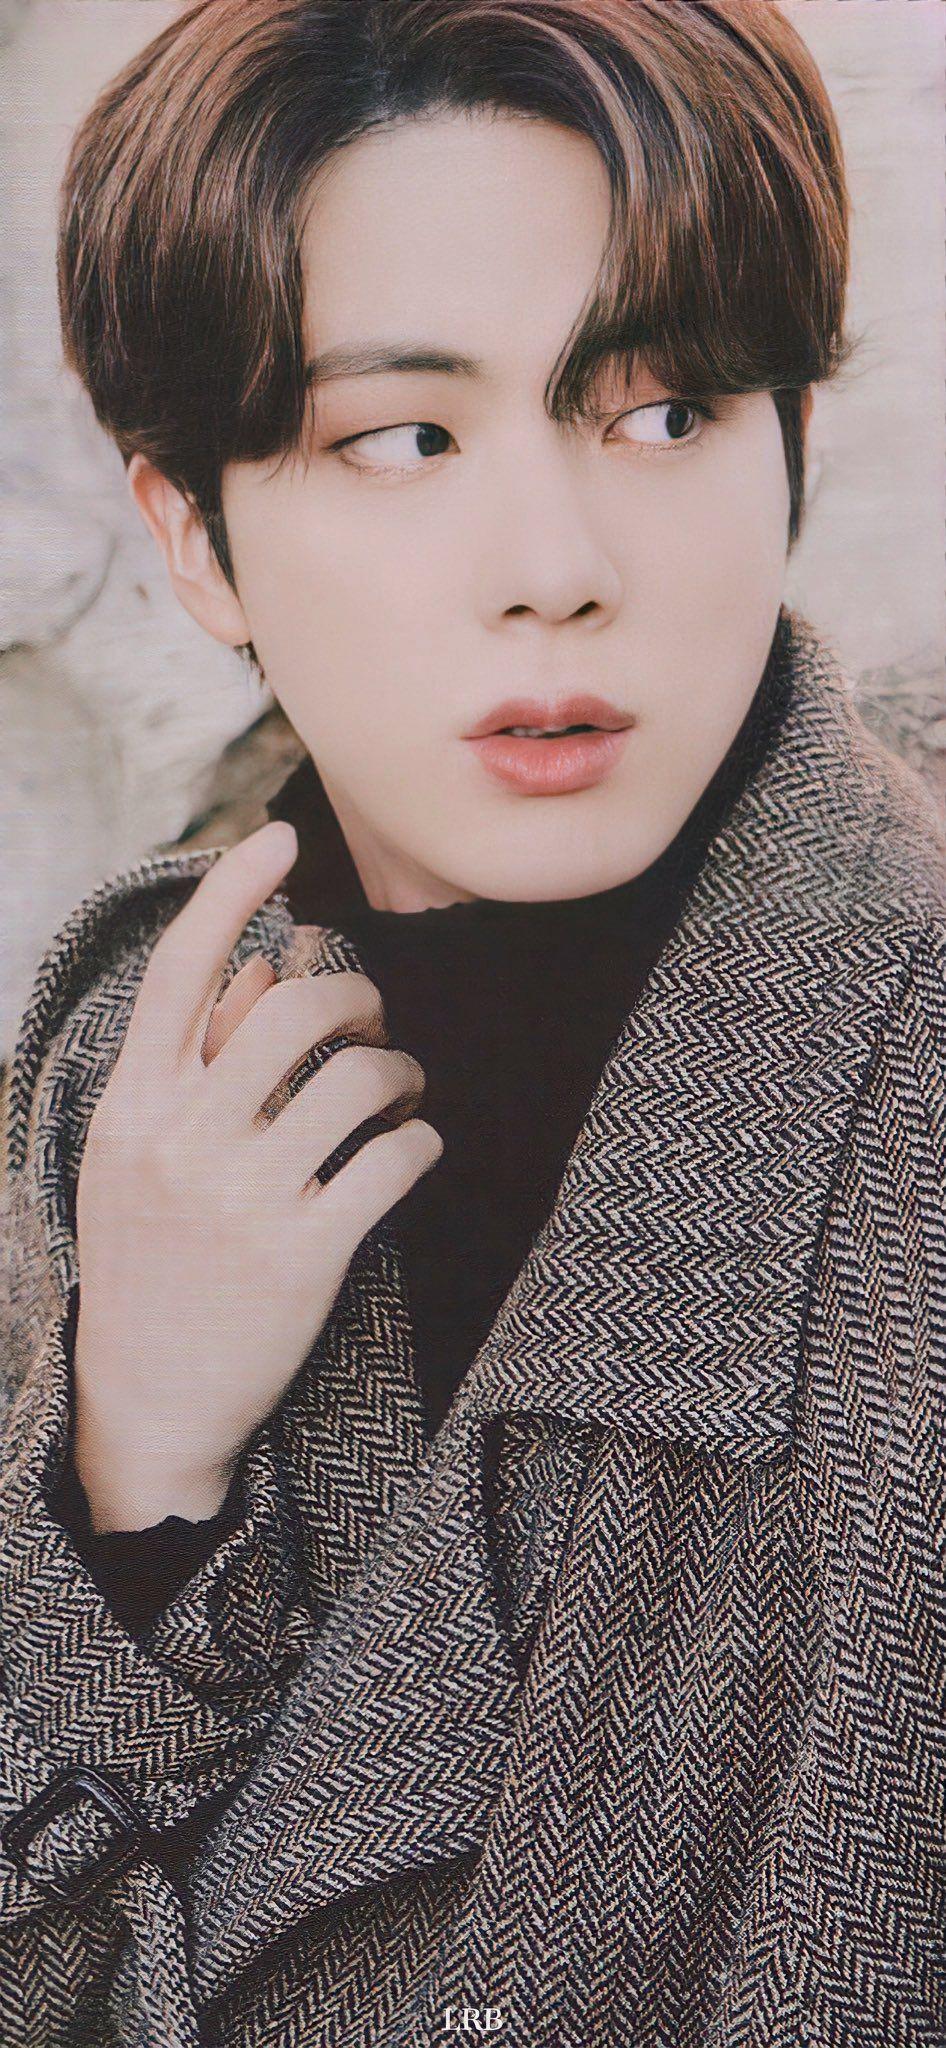 Bts kim seokjin hd wallpaper